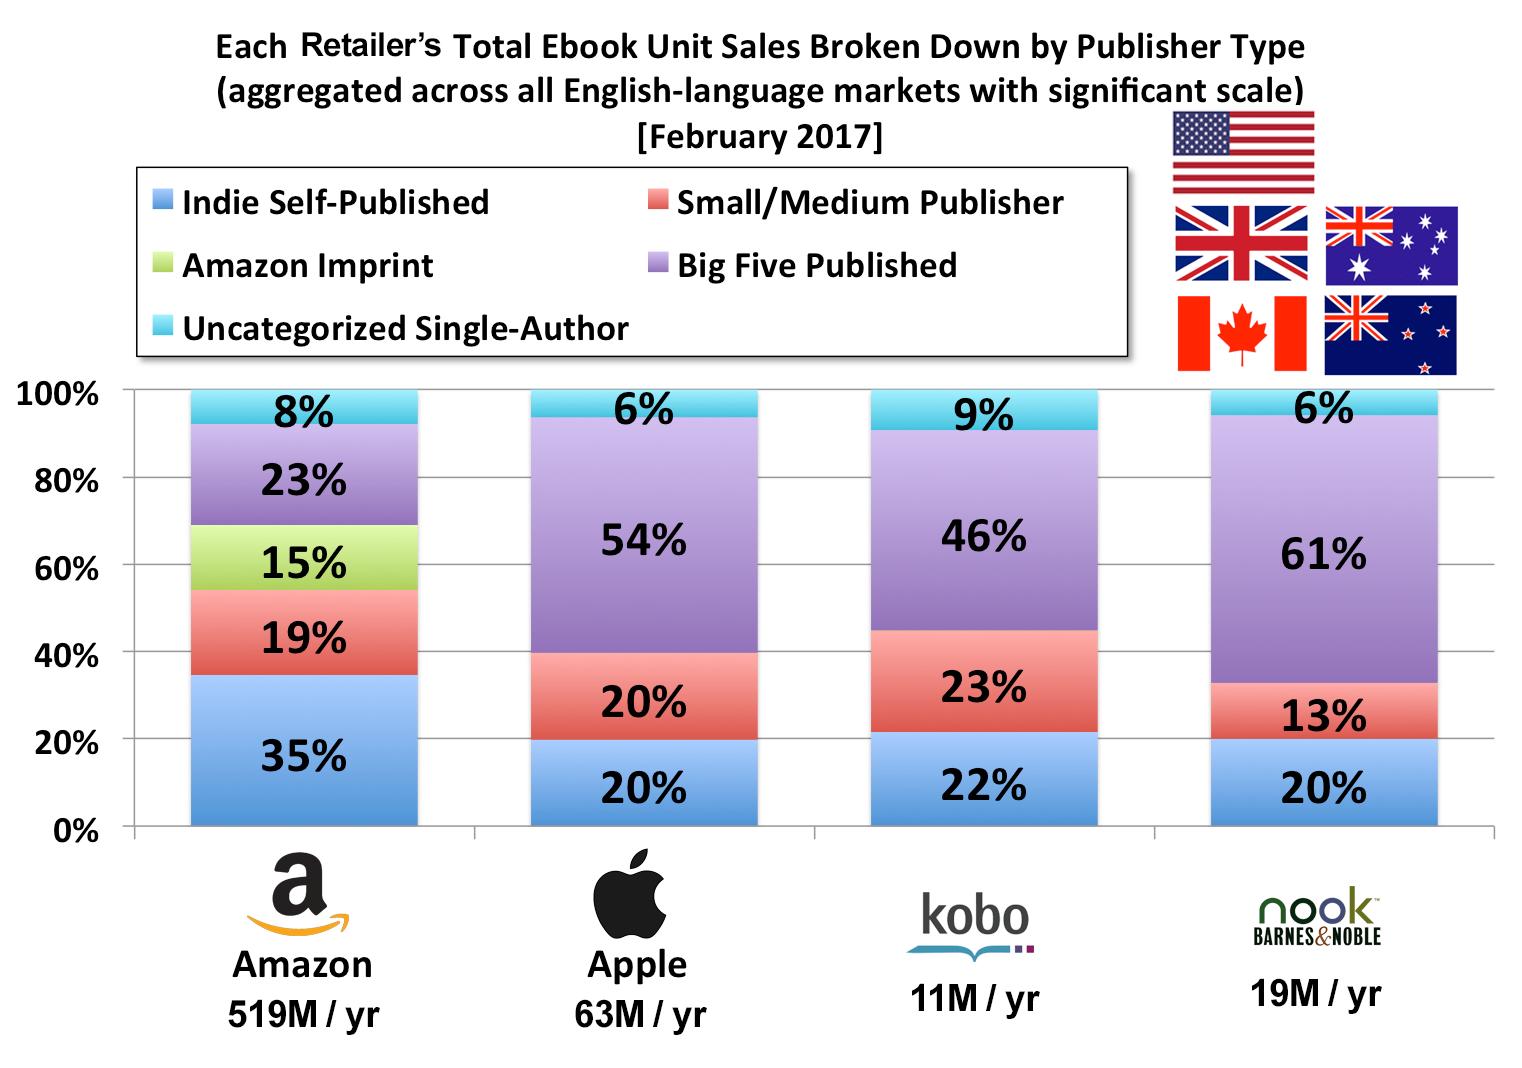 Copie vendute di ebook per canale di vendita e tipologia di pubblicazione